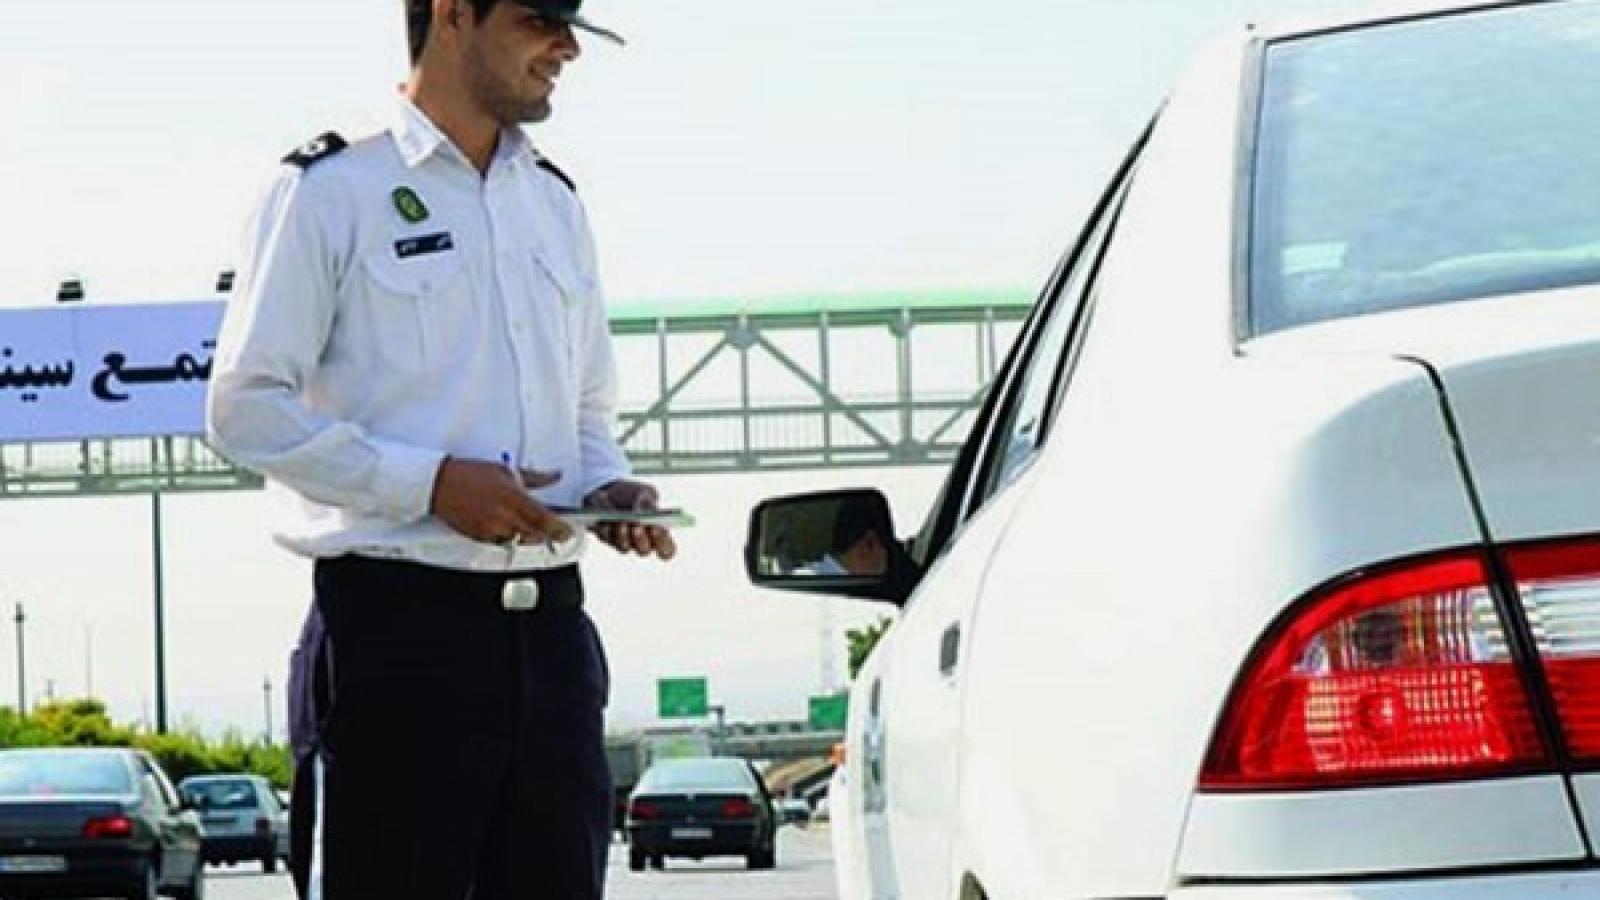 برخورد جدی پلیس با خودروهای عامل ایجاد آلودگی صوتی - اجاره خودرو طباطبایی